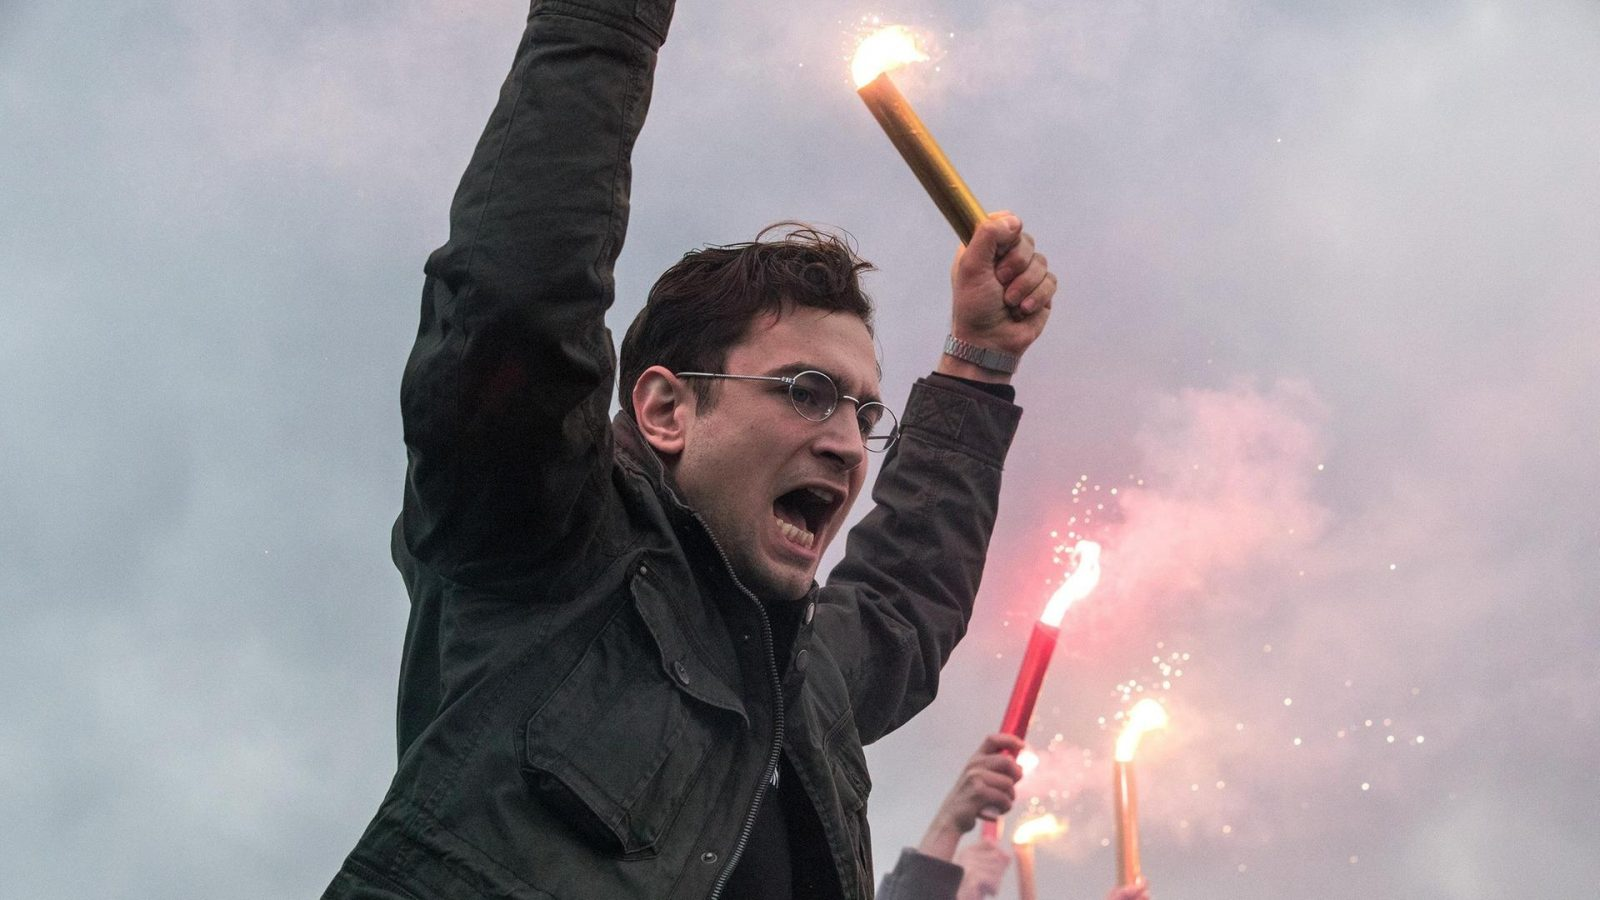 protestiert-mit-der-jungen-bewegung-felix-raue